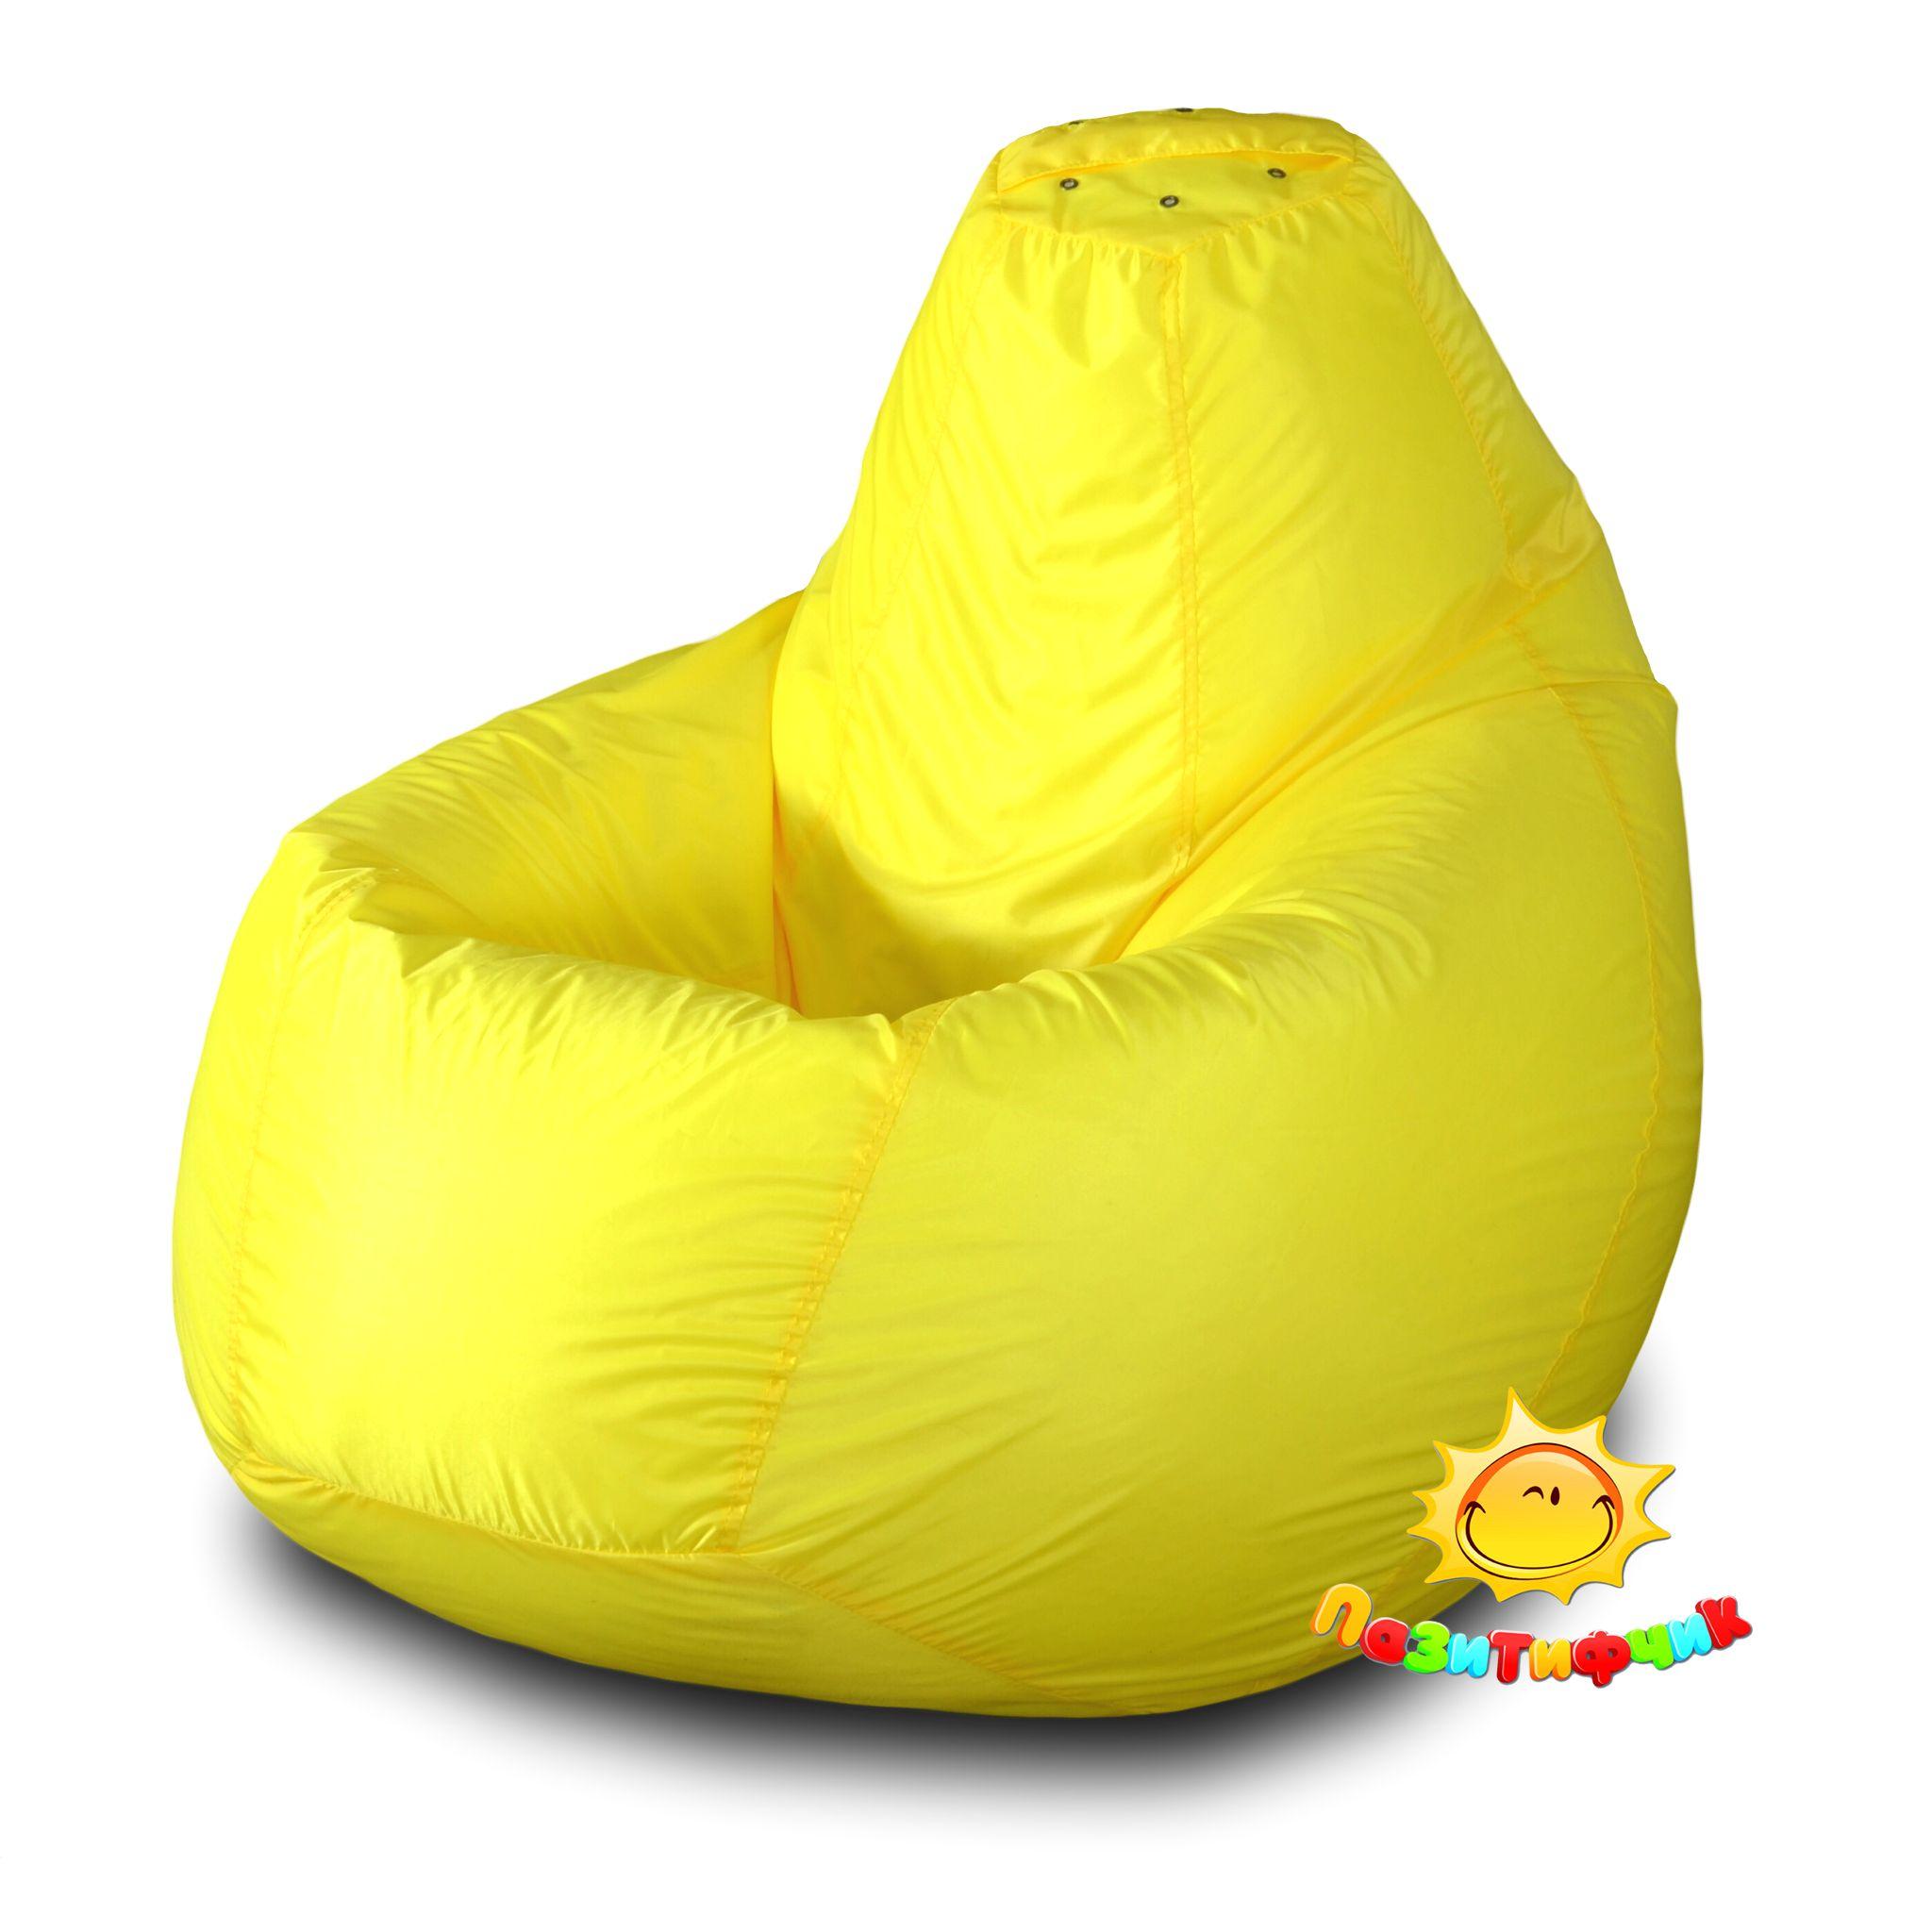 Кресло-мешок Pazitif Груша Пазитифчик, размер XL, оксфорд, желтый